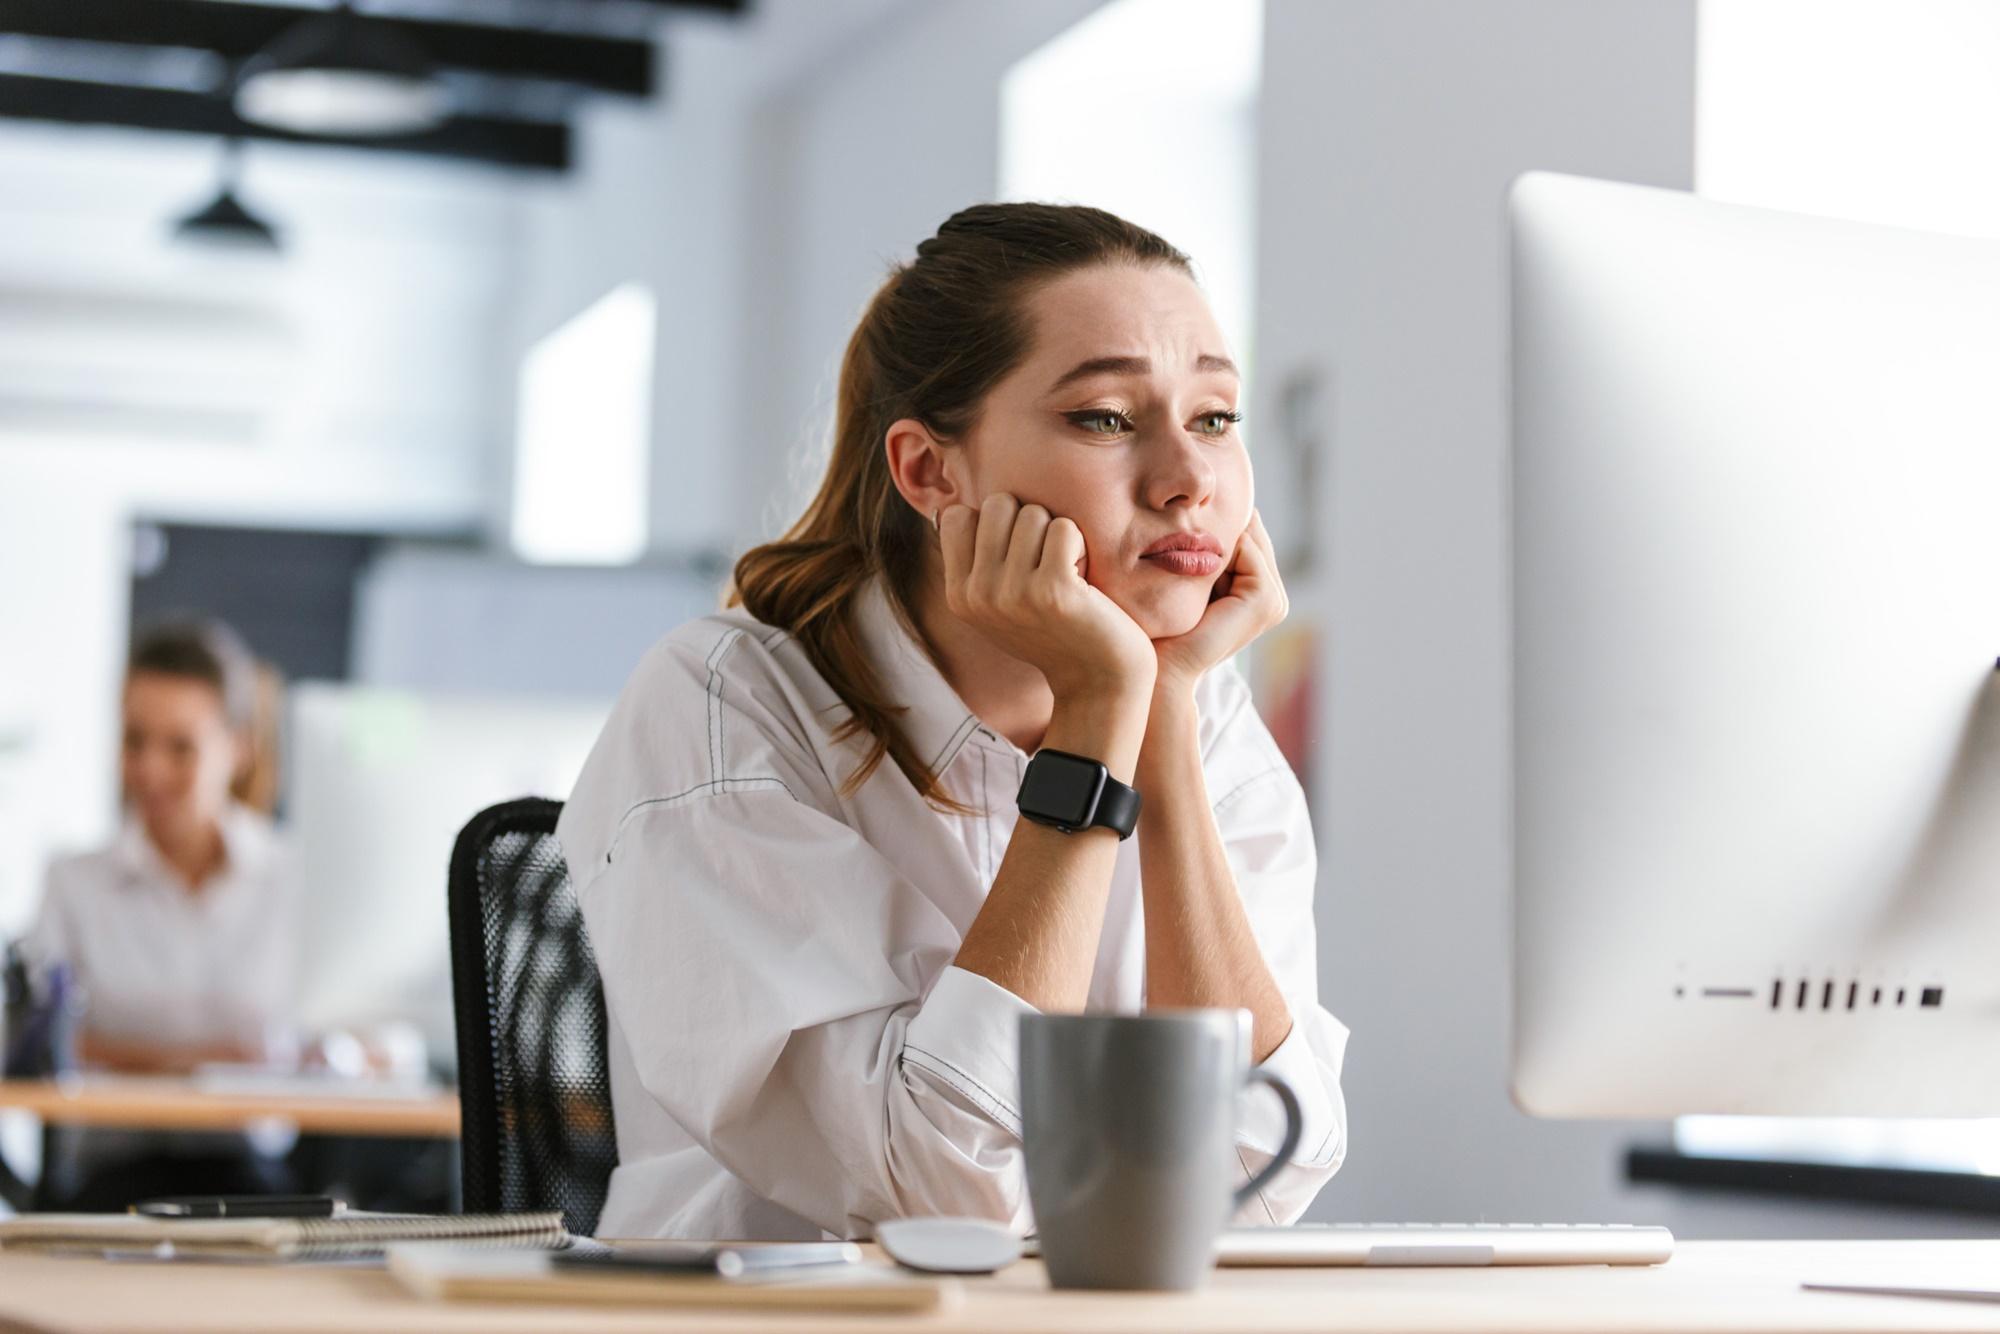 Depressão: 10 sinais para prestar atenção nos colaboradores